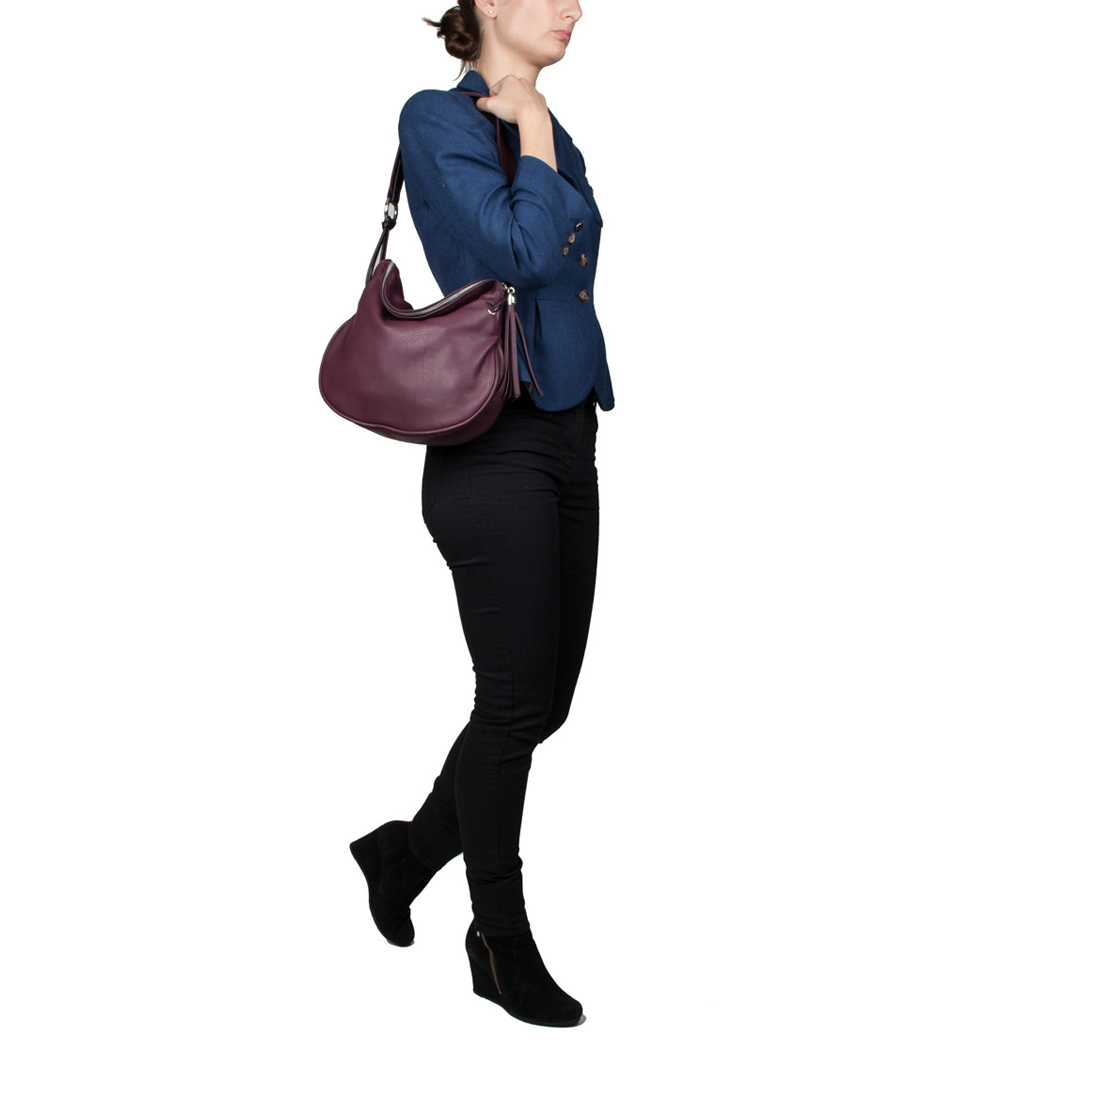 Milly Black Leather Shoulder Bag